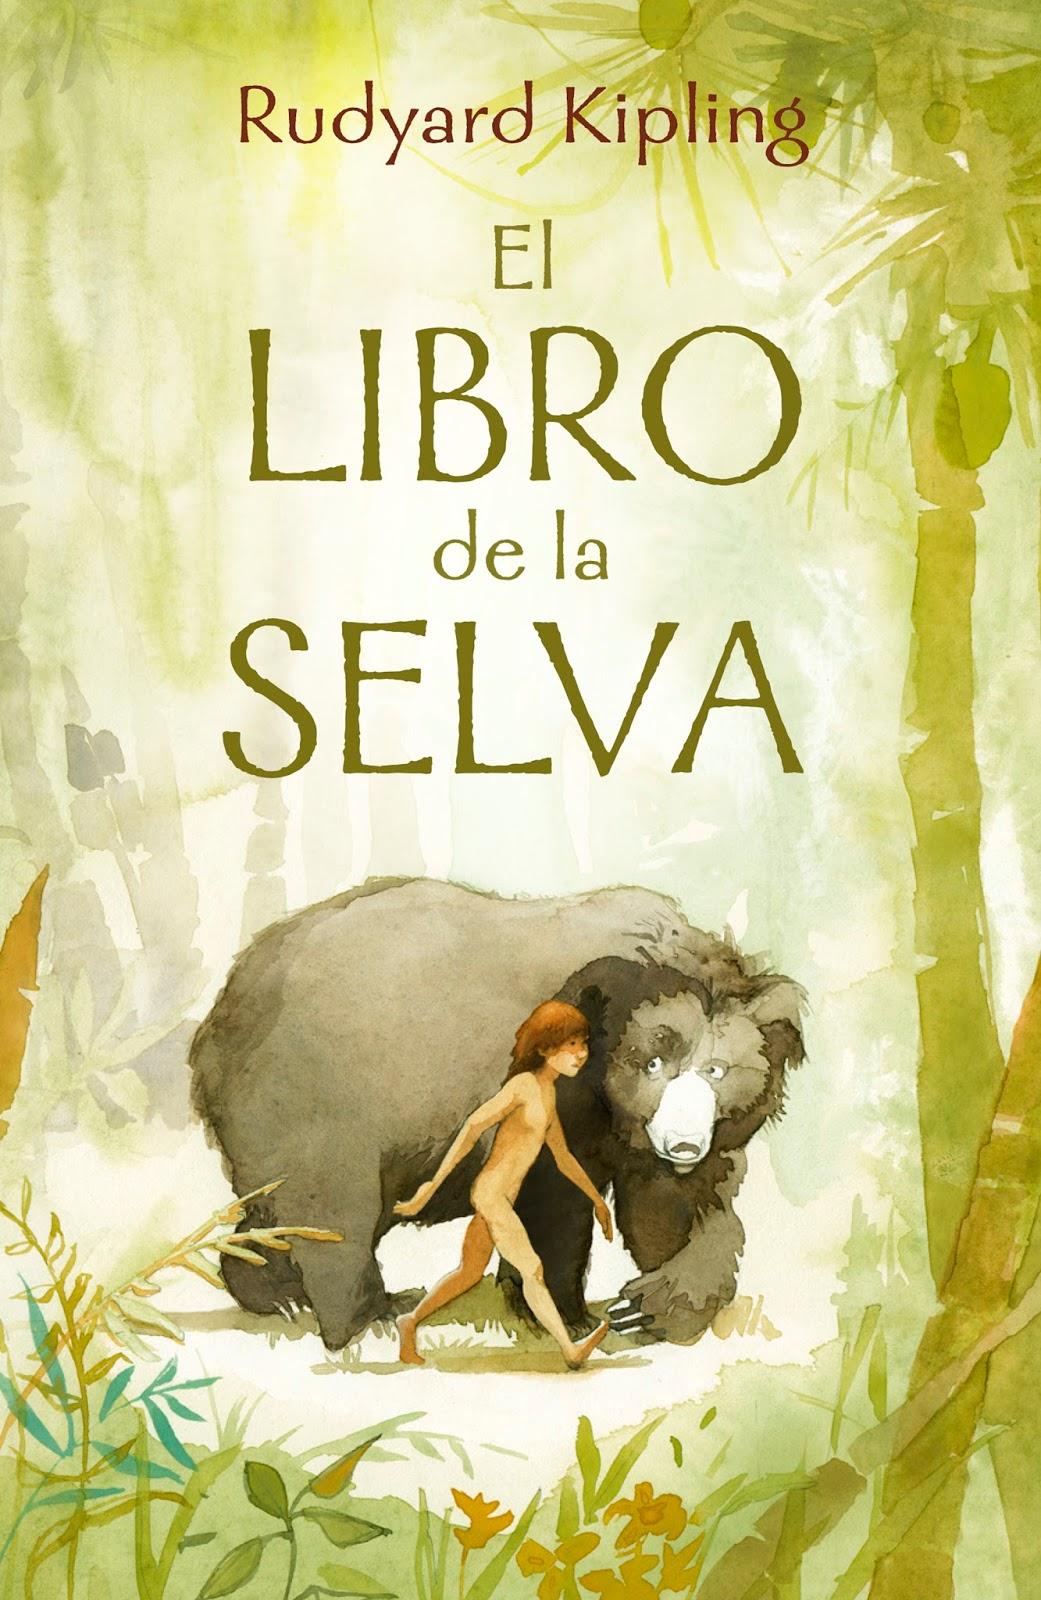 El libro de la selva (Reseña). ~ Lector promedio.